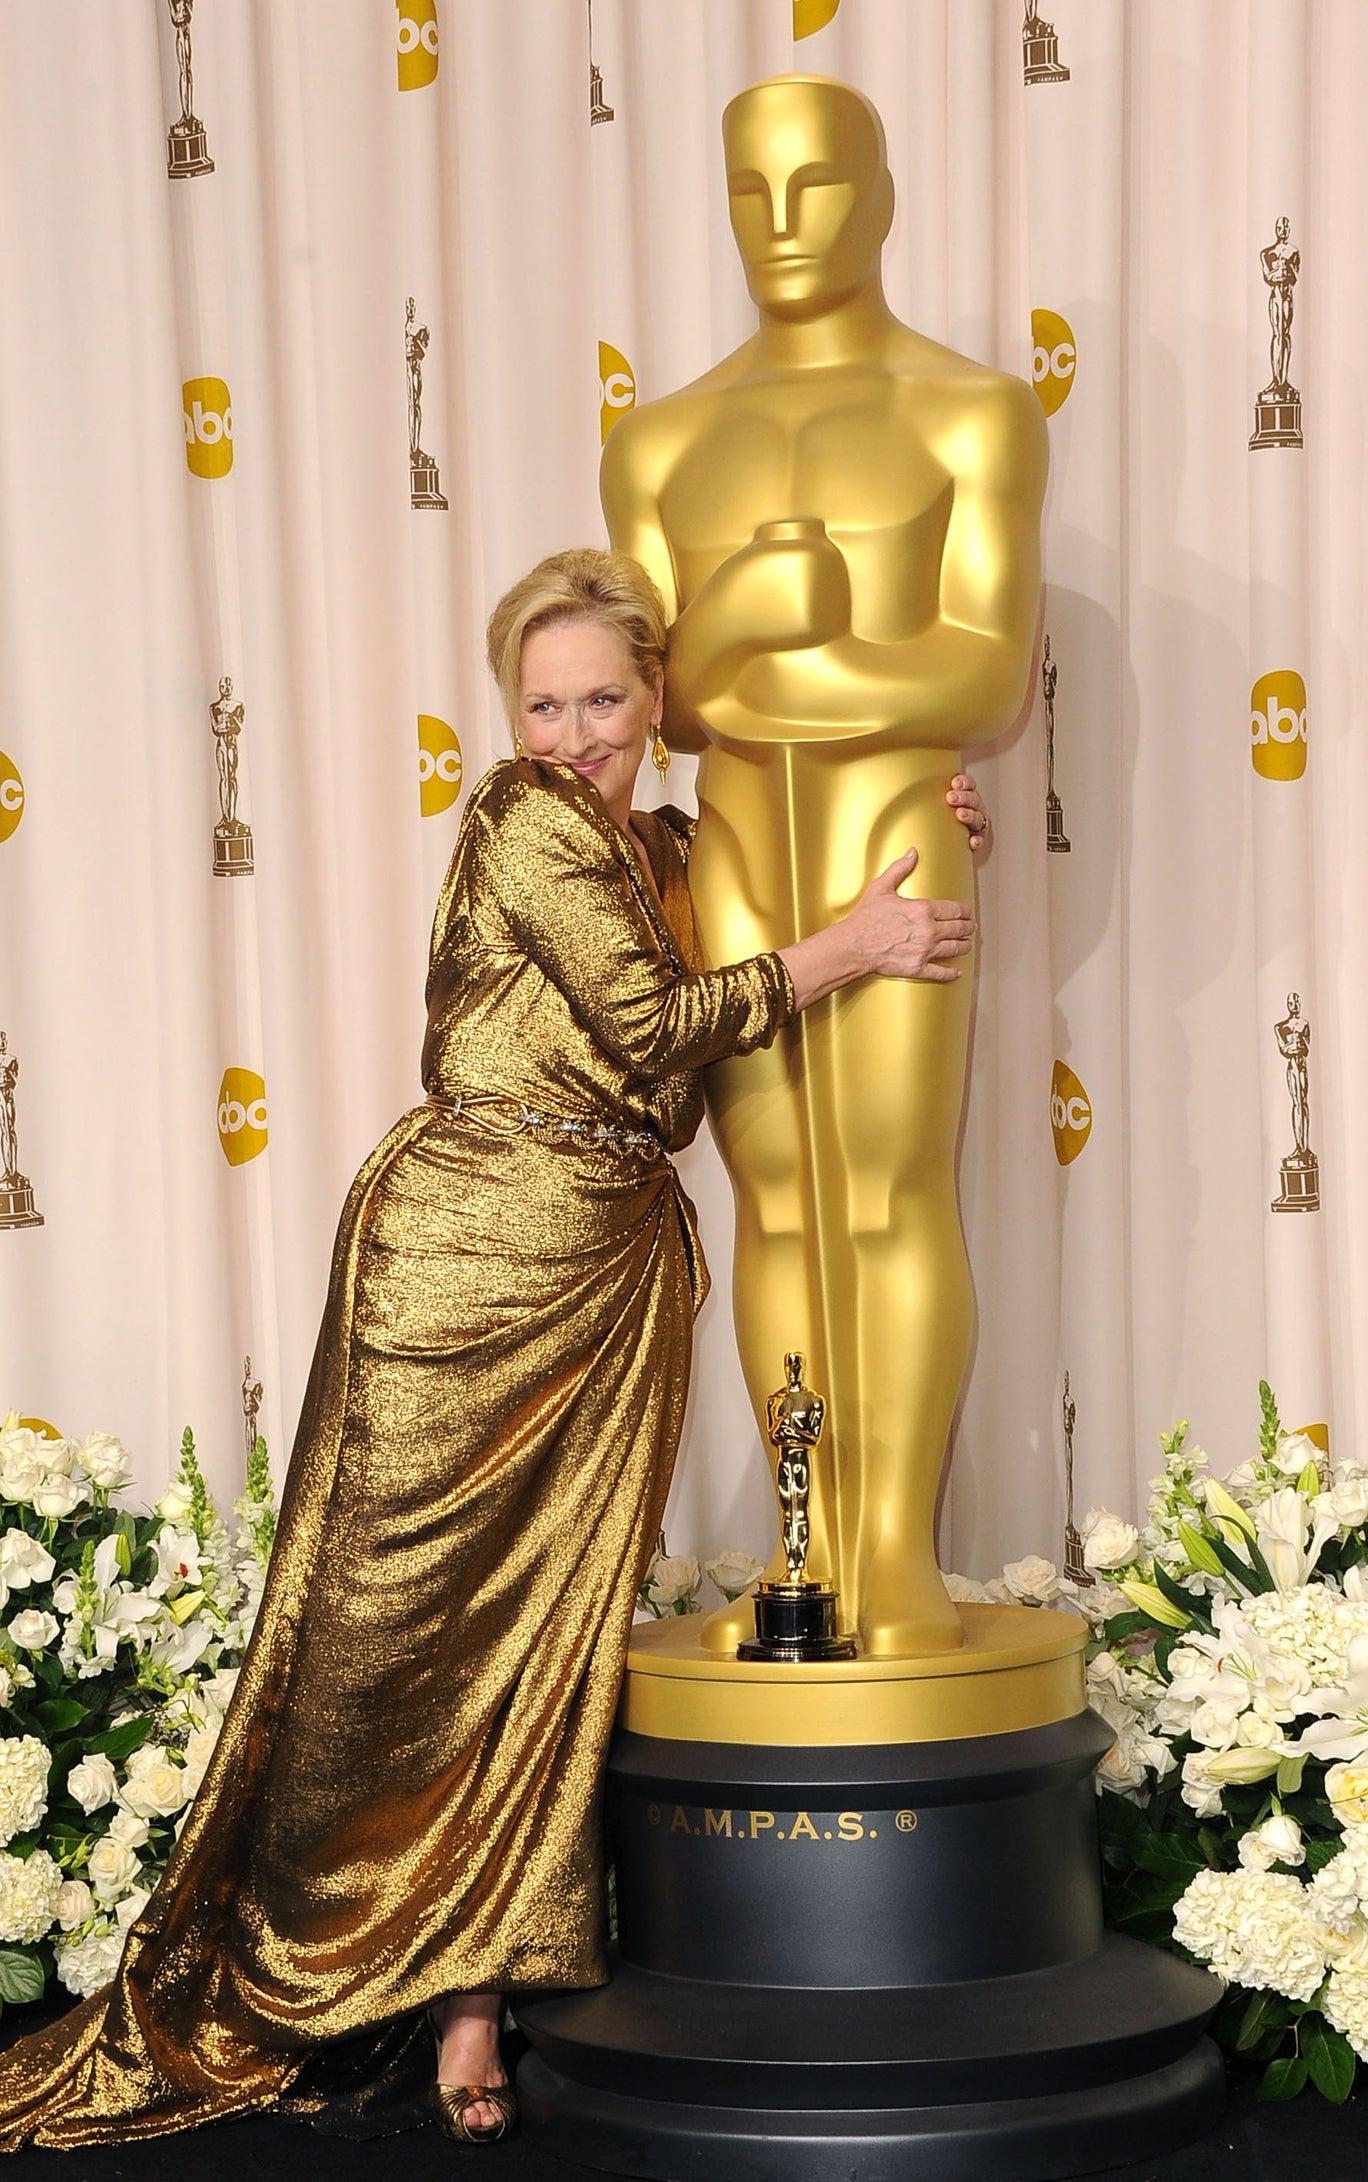 حصدت ميريل ستريب جائزة الأوسكار مراراً، ولا يعني ذلك أنها ليست مغبونة!